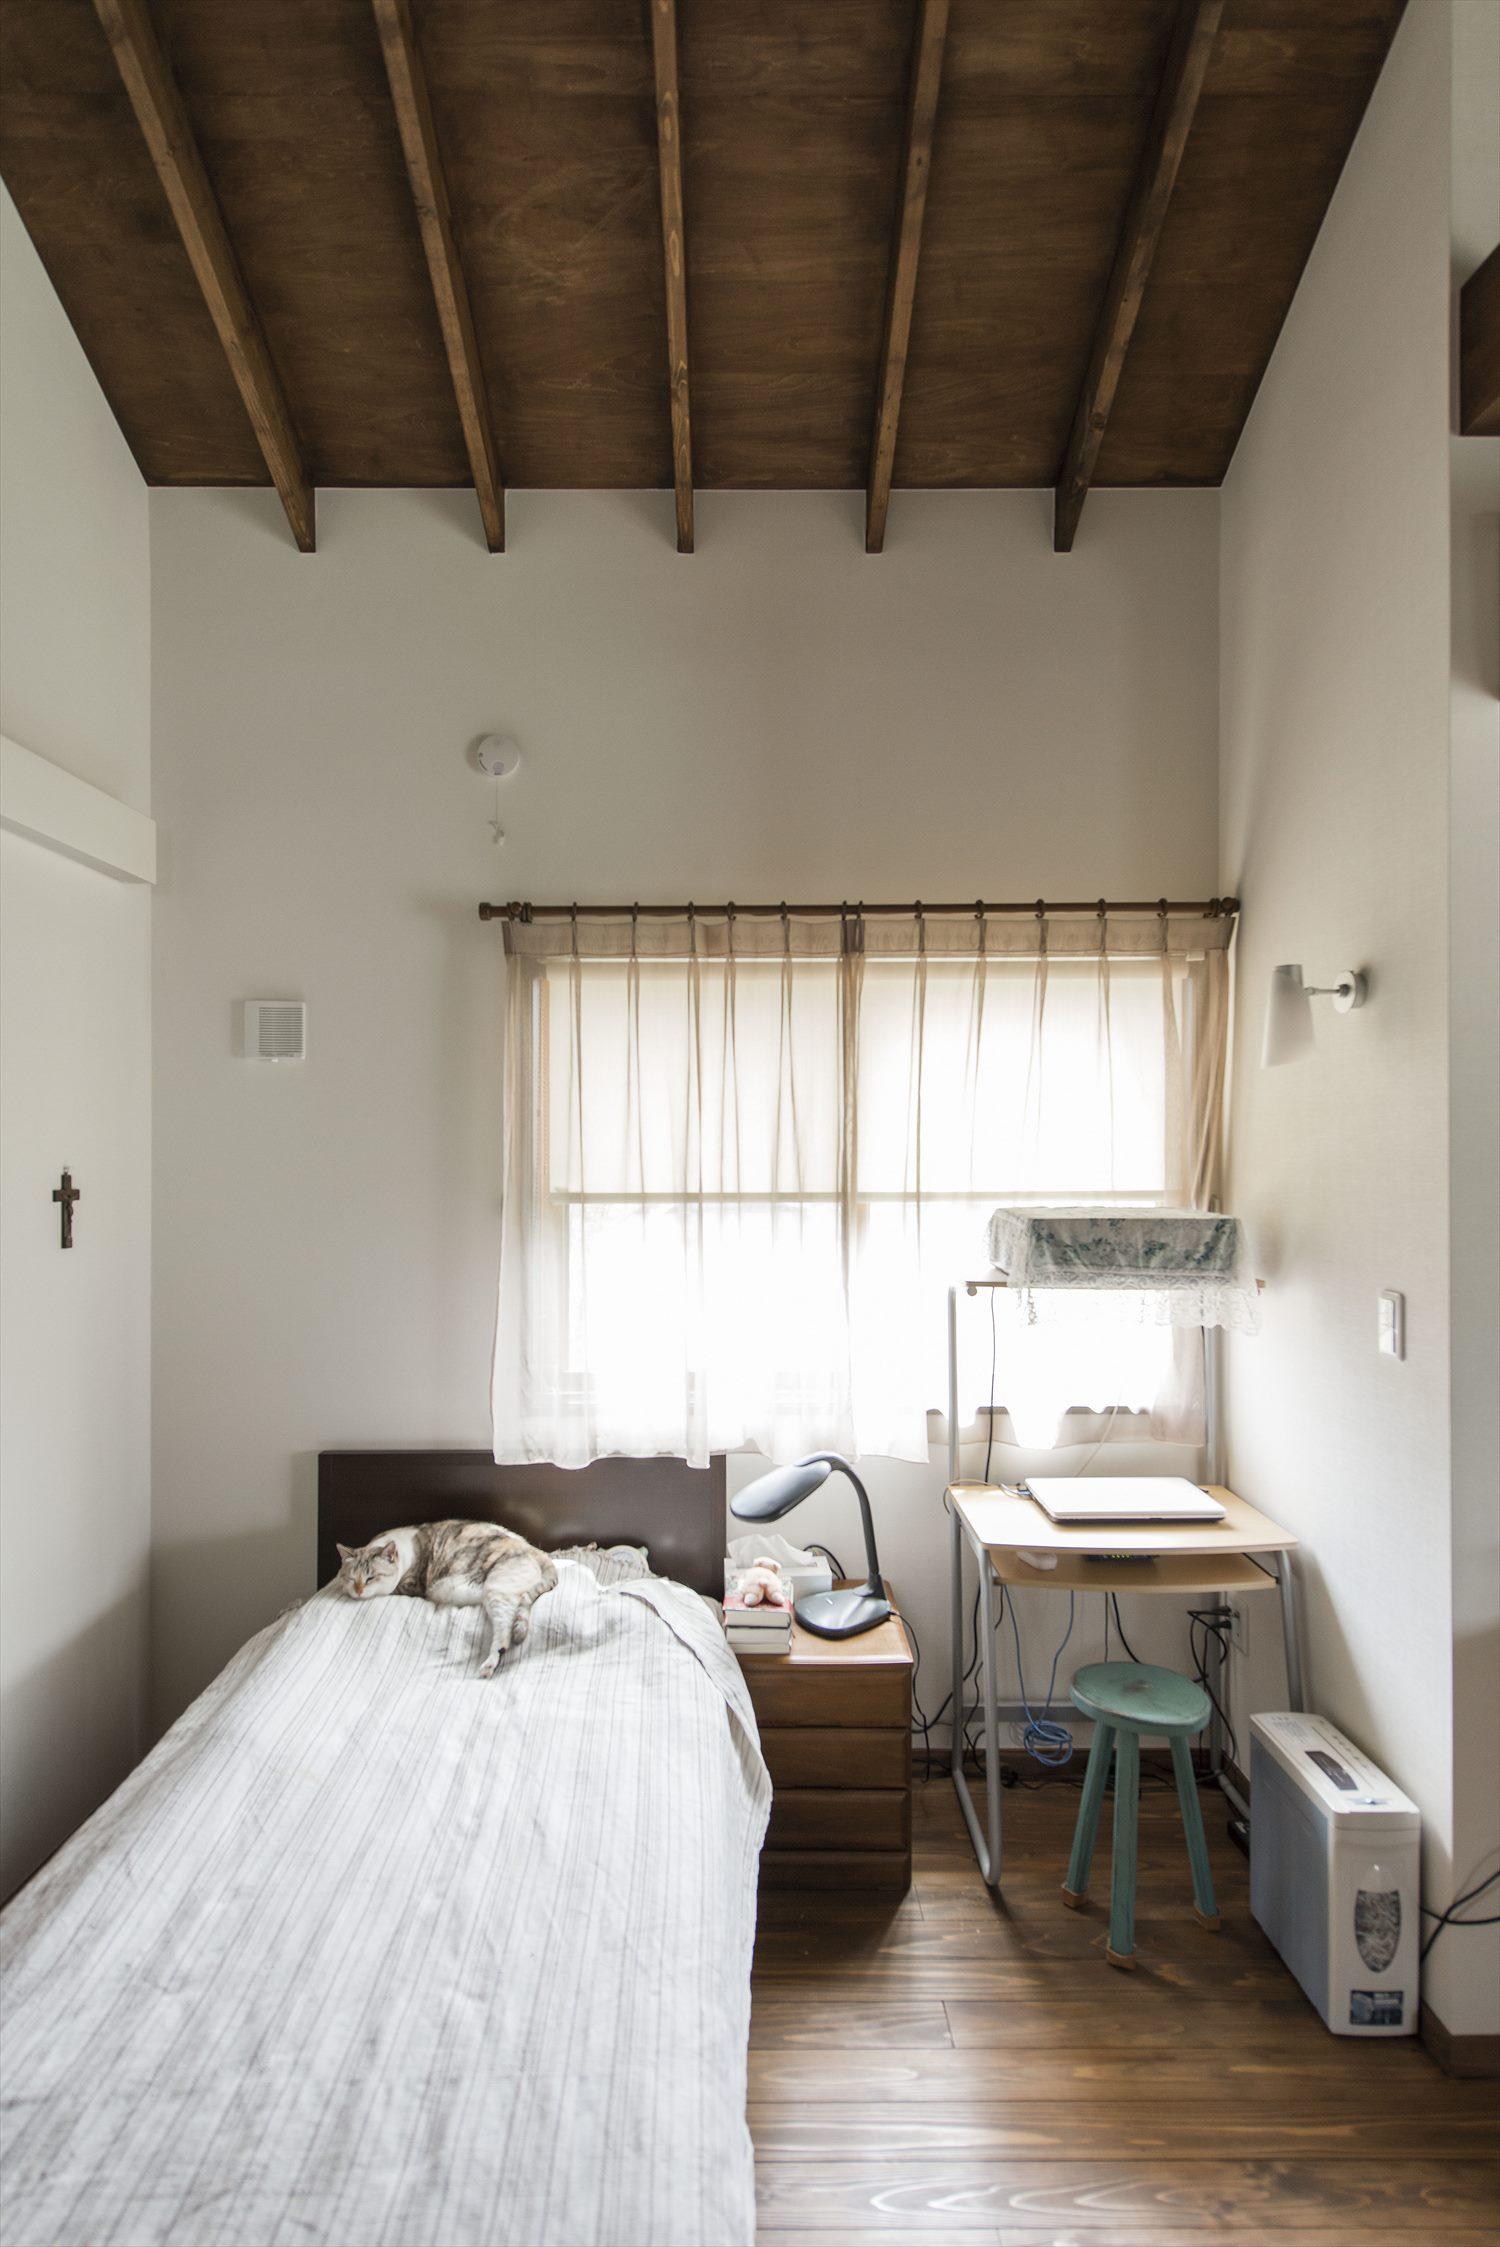 ワンルームの開放的な平屋の住まい